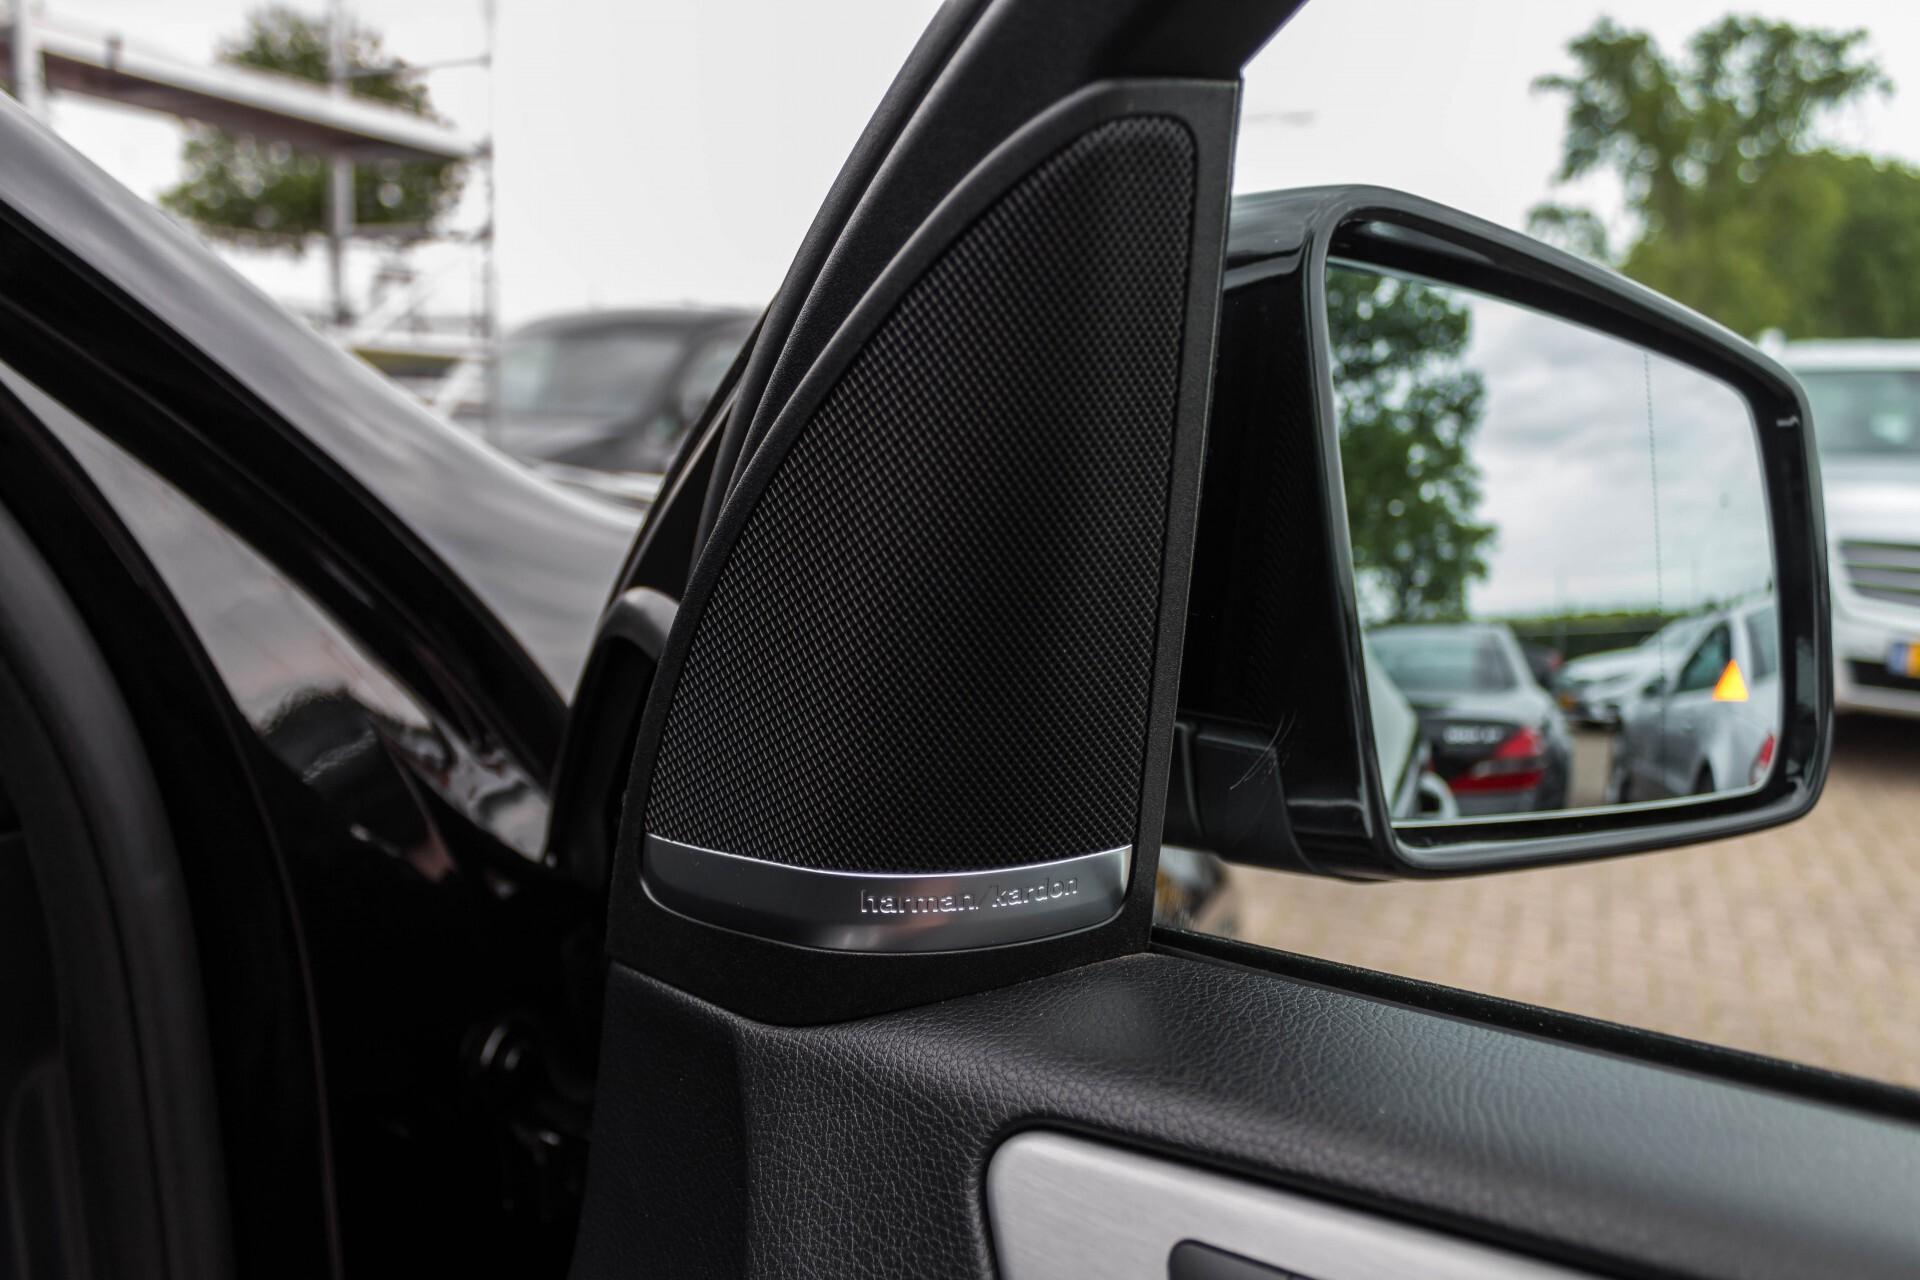 Mercedes-Benz GLE-Klasse Coupé 350 d 4-M AMG Luchtvering/Distronic/Panorama/Mem/Trekhaak Aut9 Foto 56